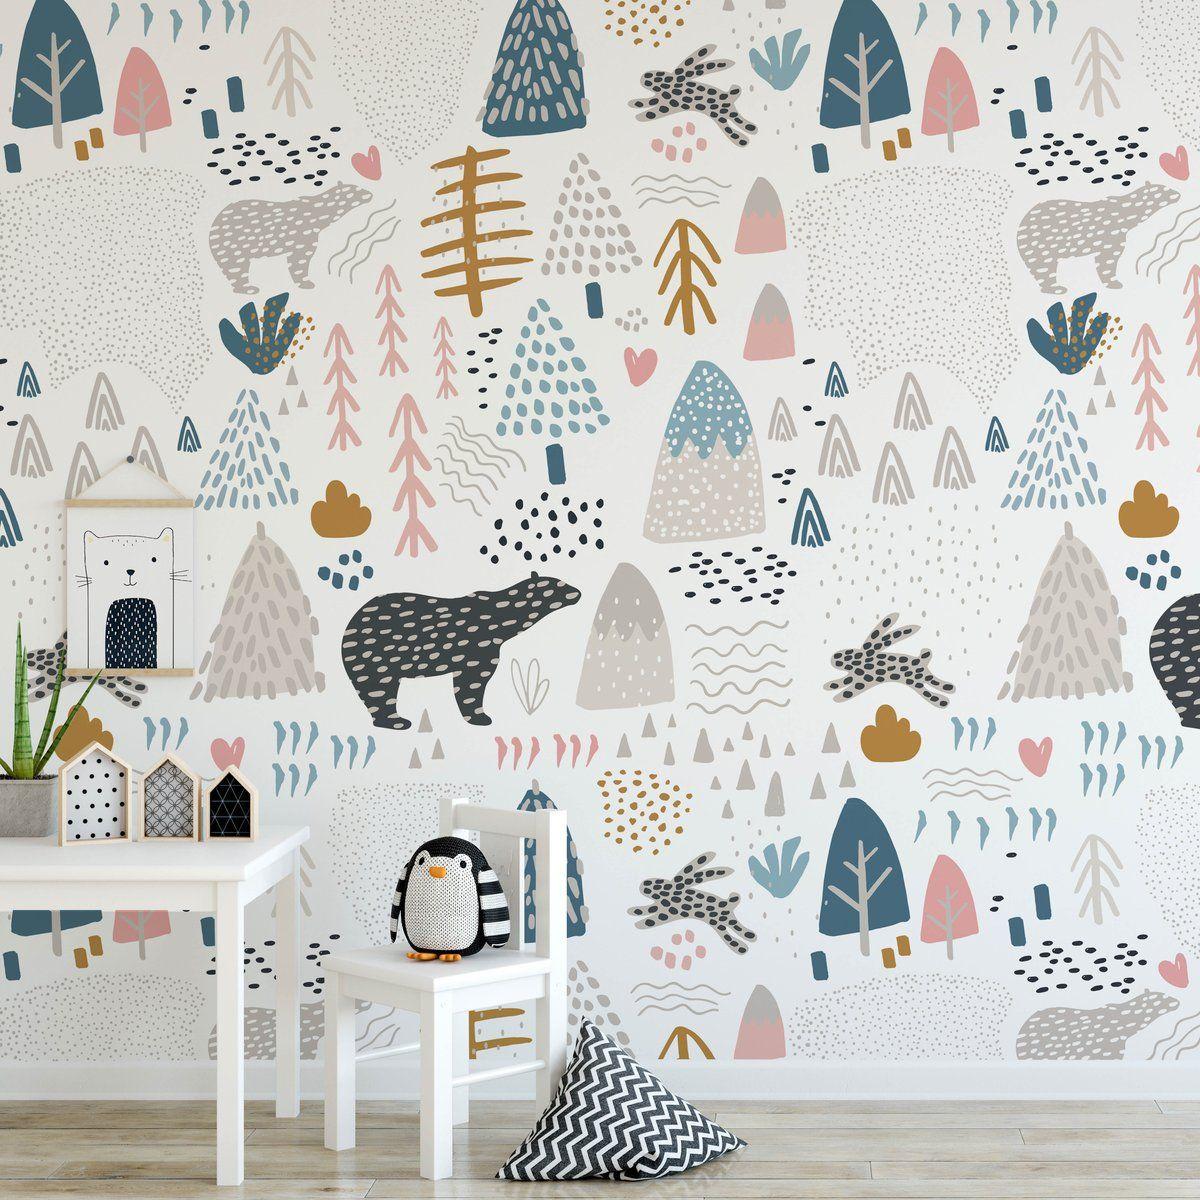 Best Oso Wallpaper In 2020 Boys Room Wallpaper Kids Bedroom Wallpaper Kids Room Wallpaper 400 x 300